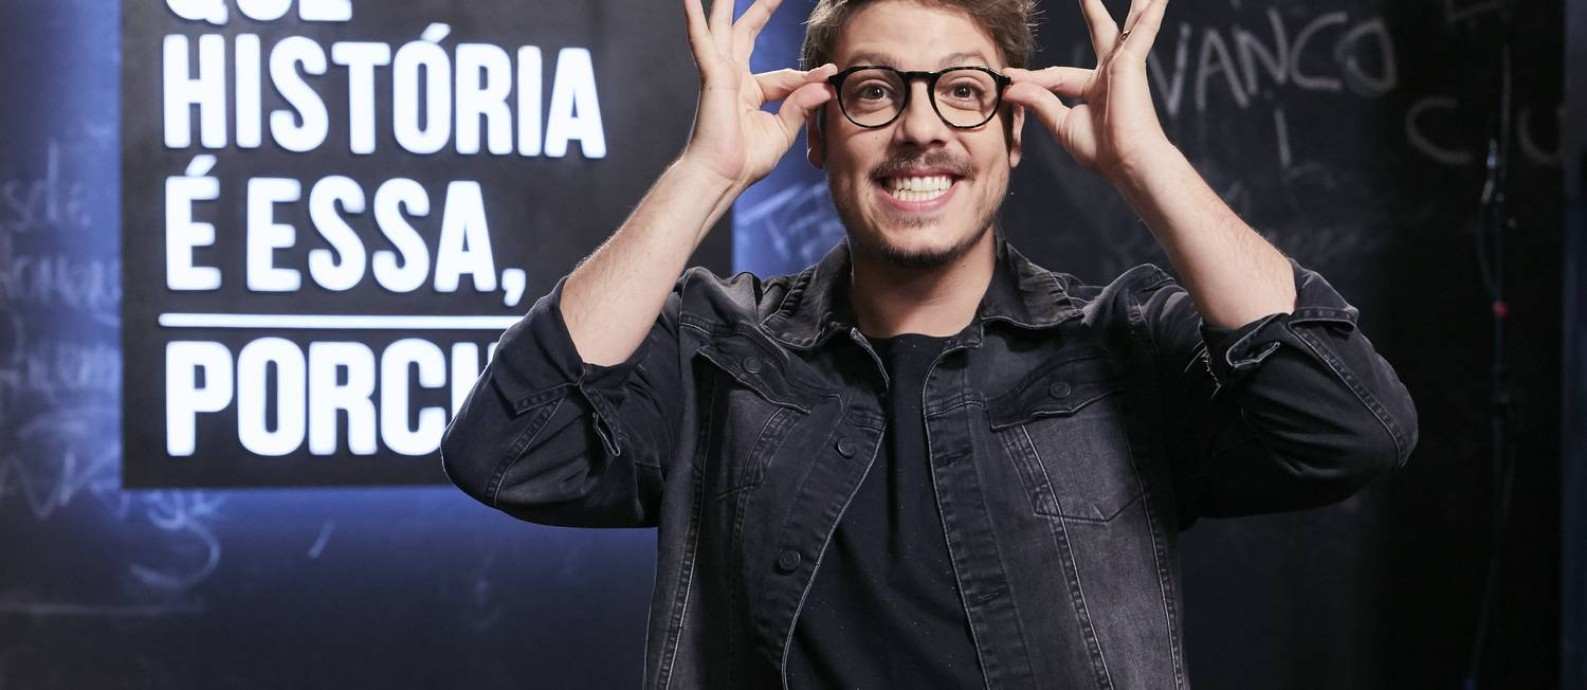 """Fábio Porchat estreou recentemente seu novo programa no GNT:""""Que história é essa, Porchat?"""" Foto: Juliana Coutinho"""